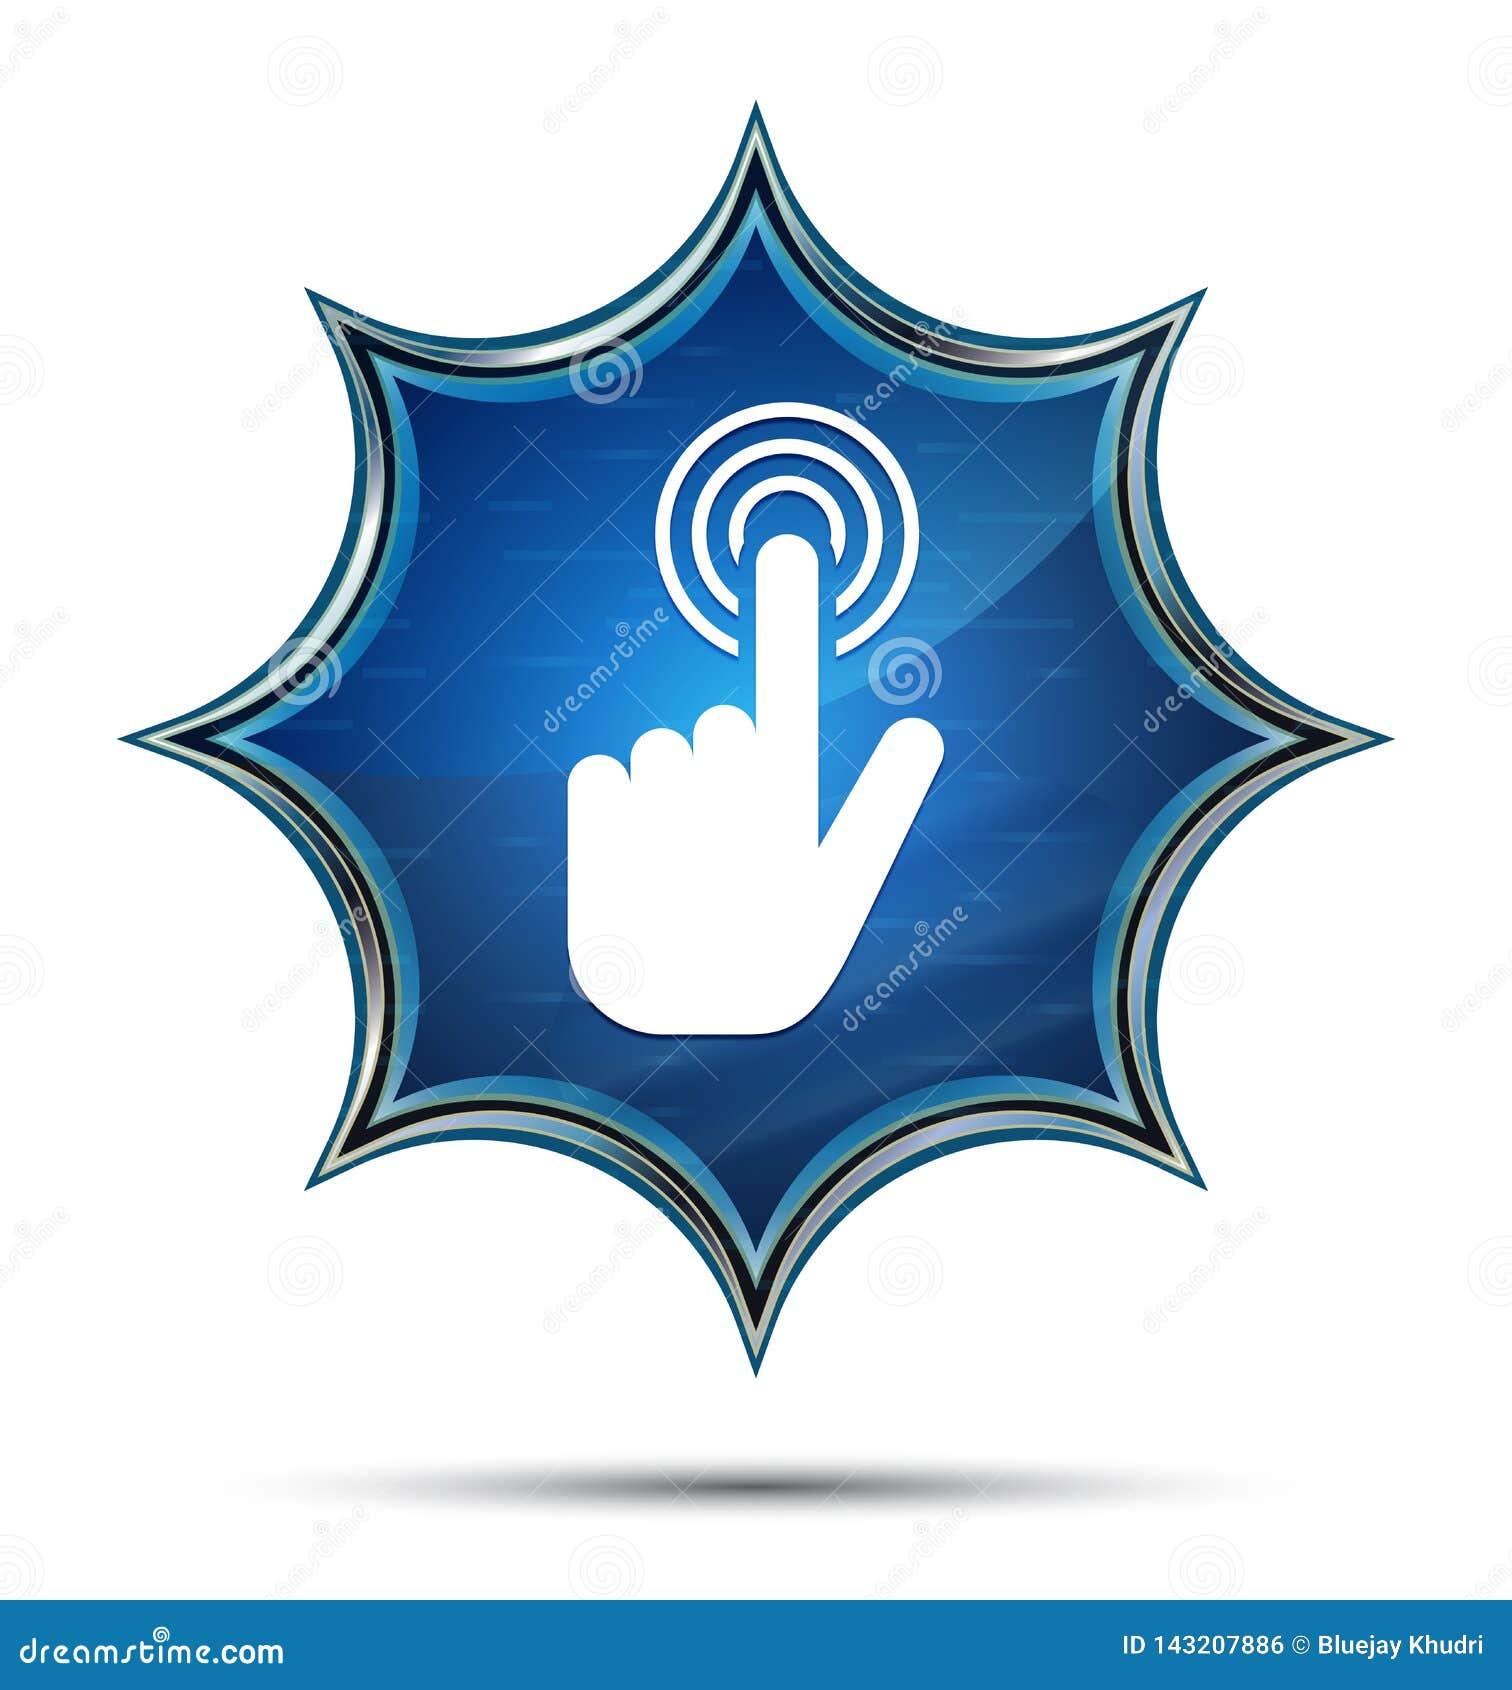 Botão azul sunburst vítreo mágico do ícone do clique do cursor da mão